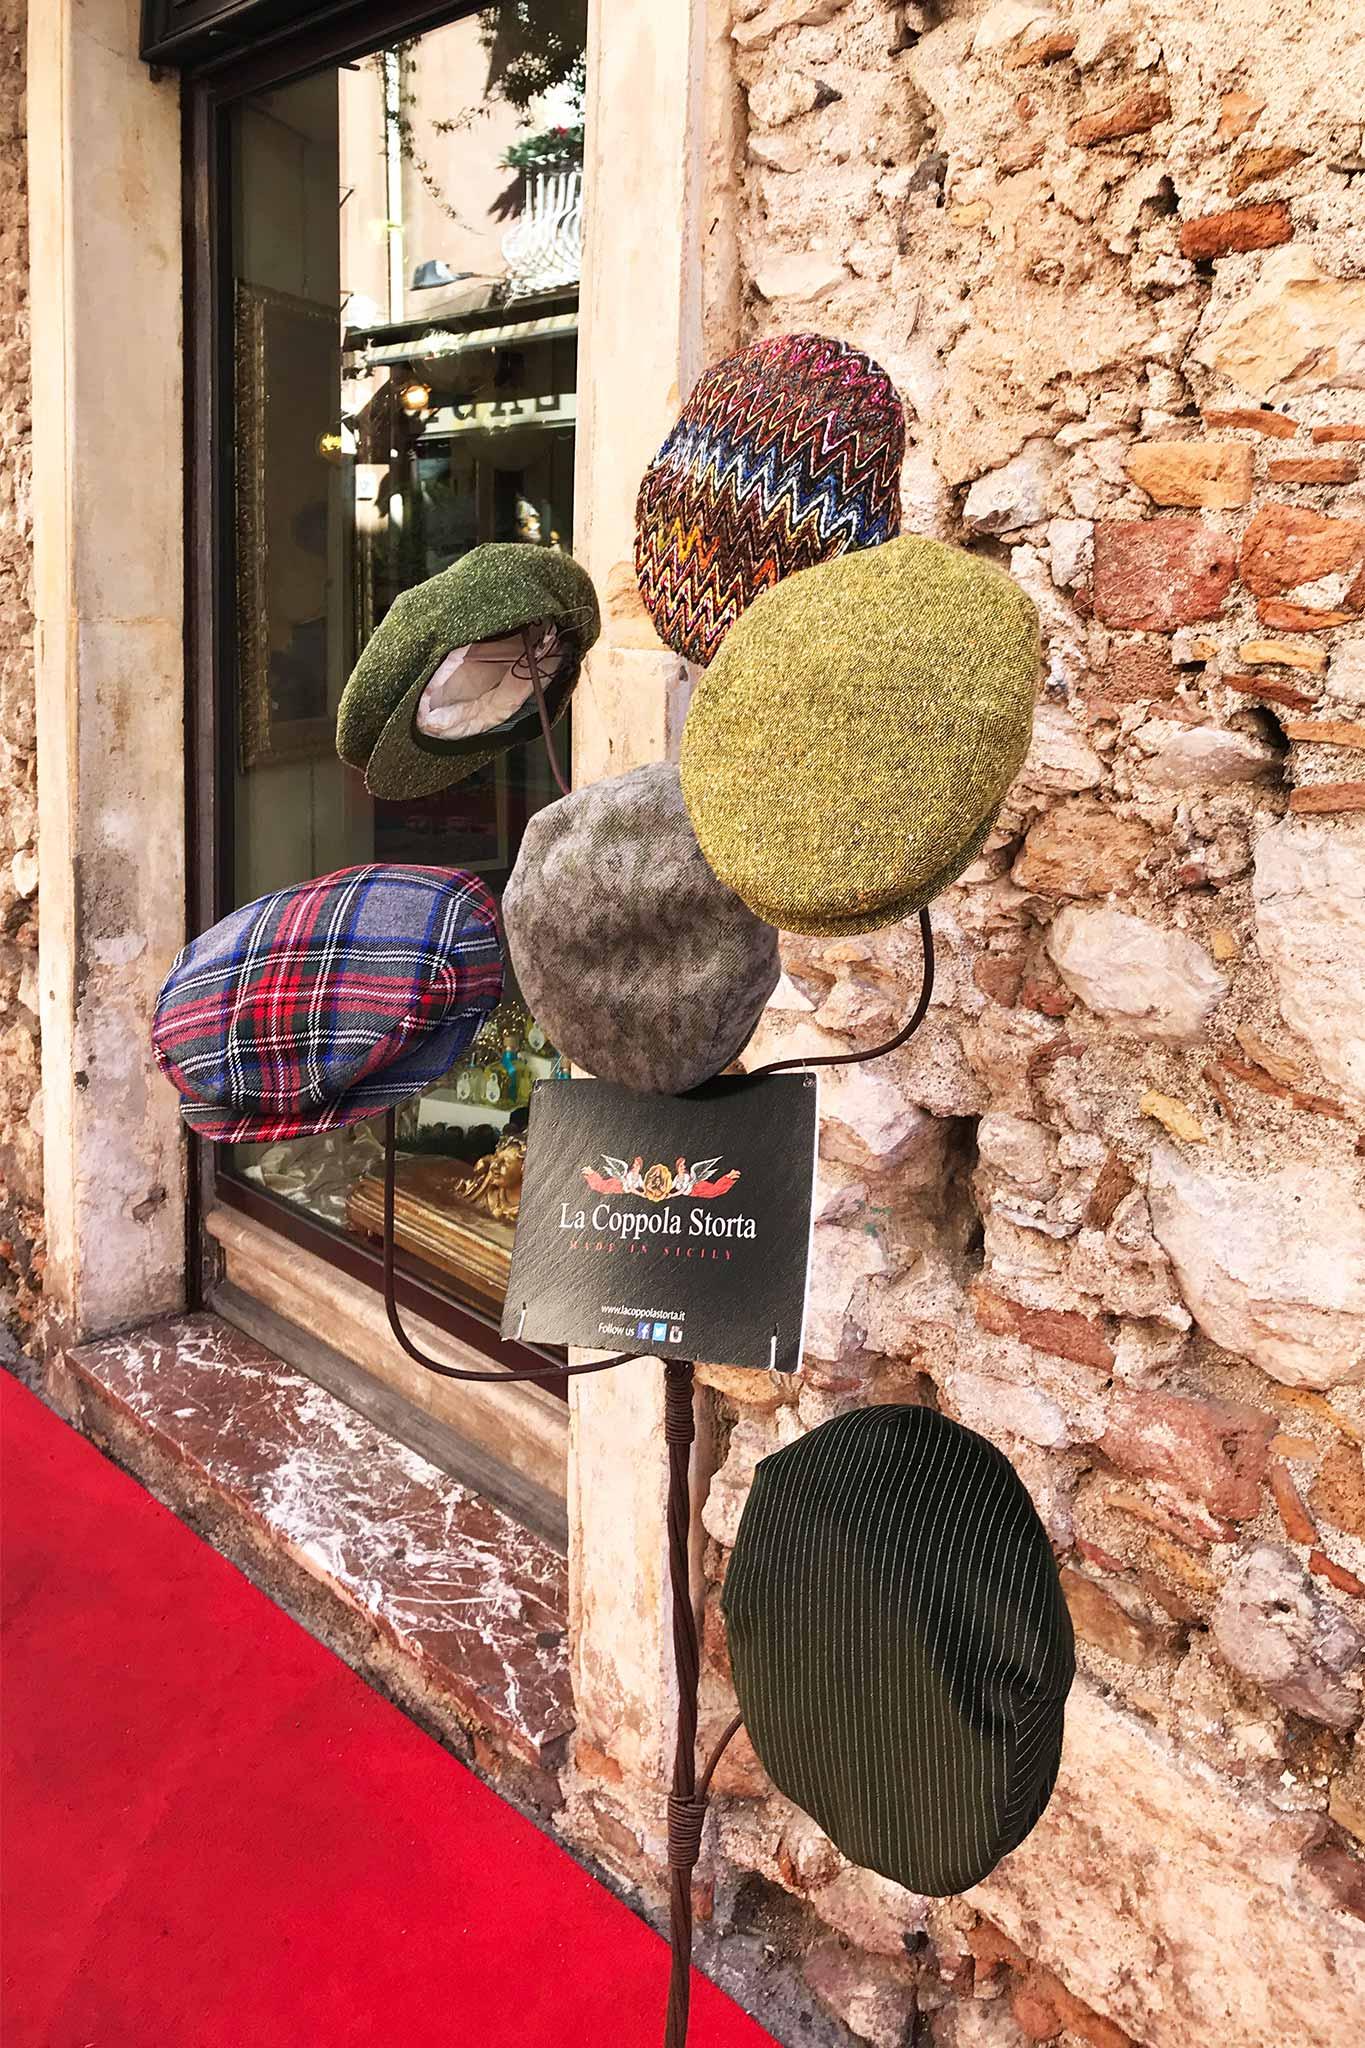 La Coppola Storta a Taormina d753a5f90f79